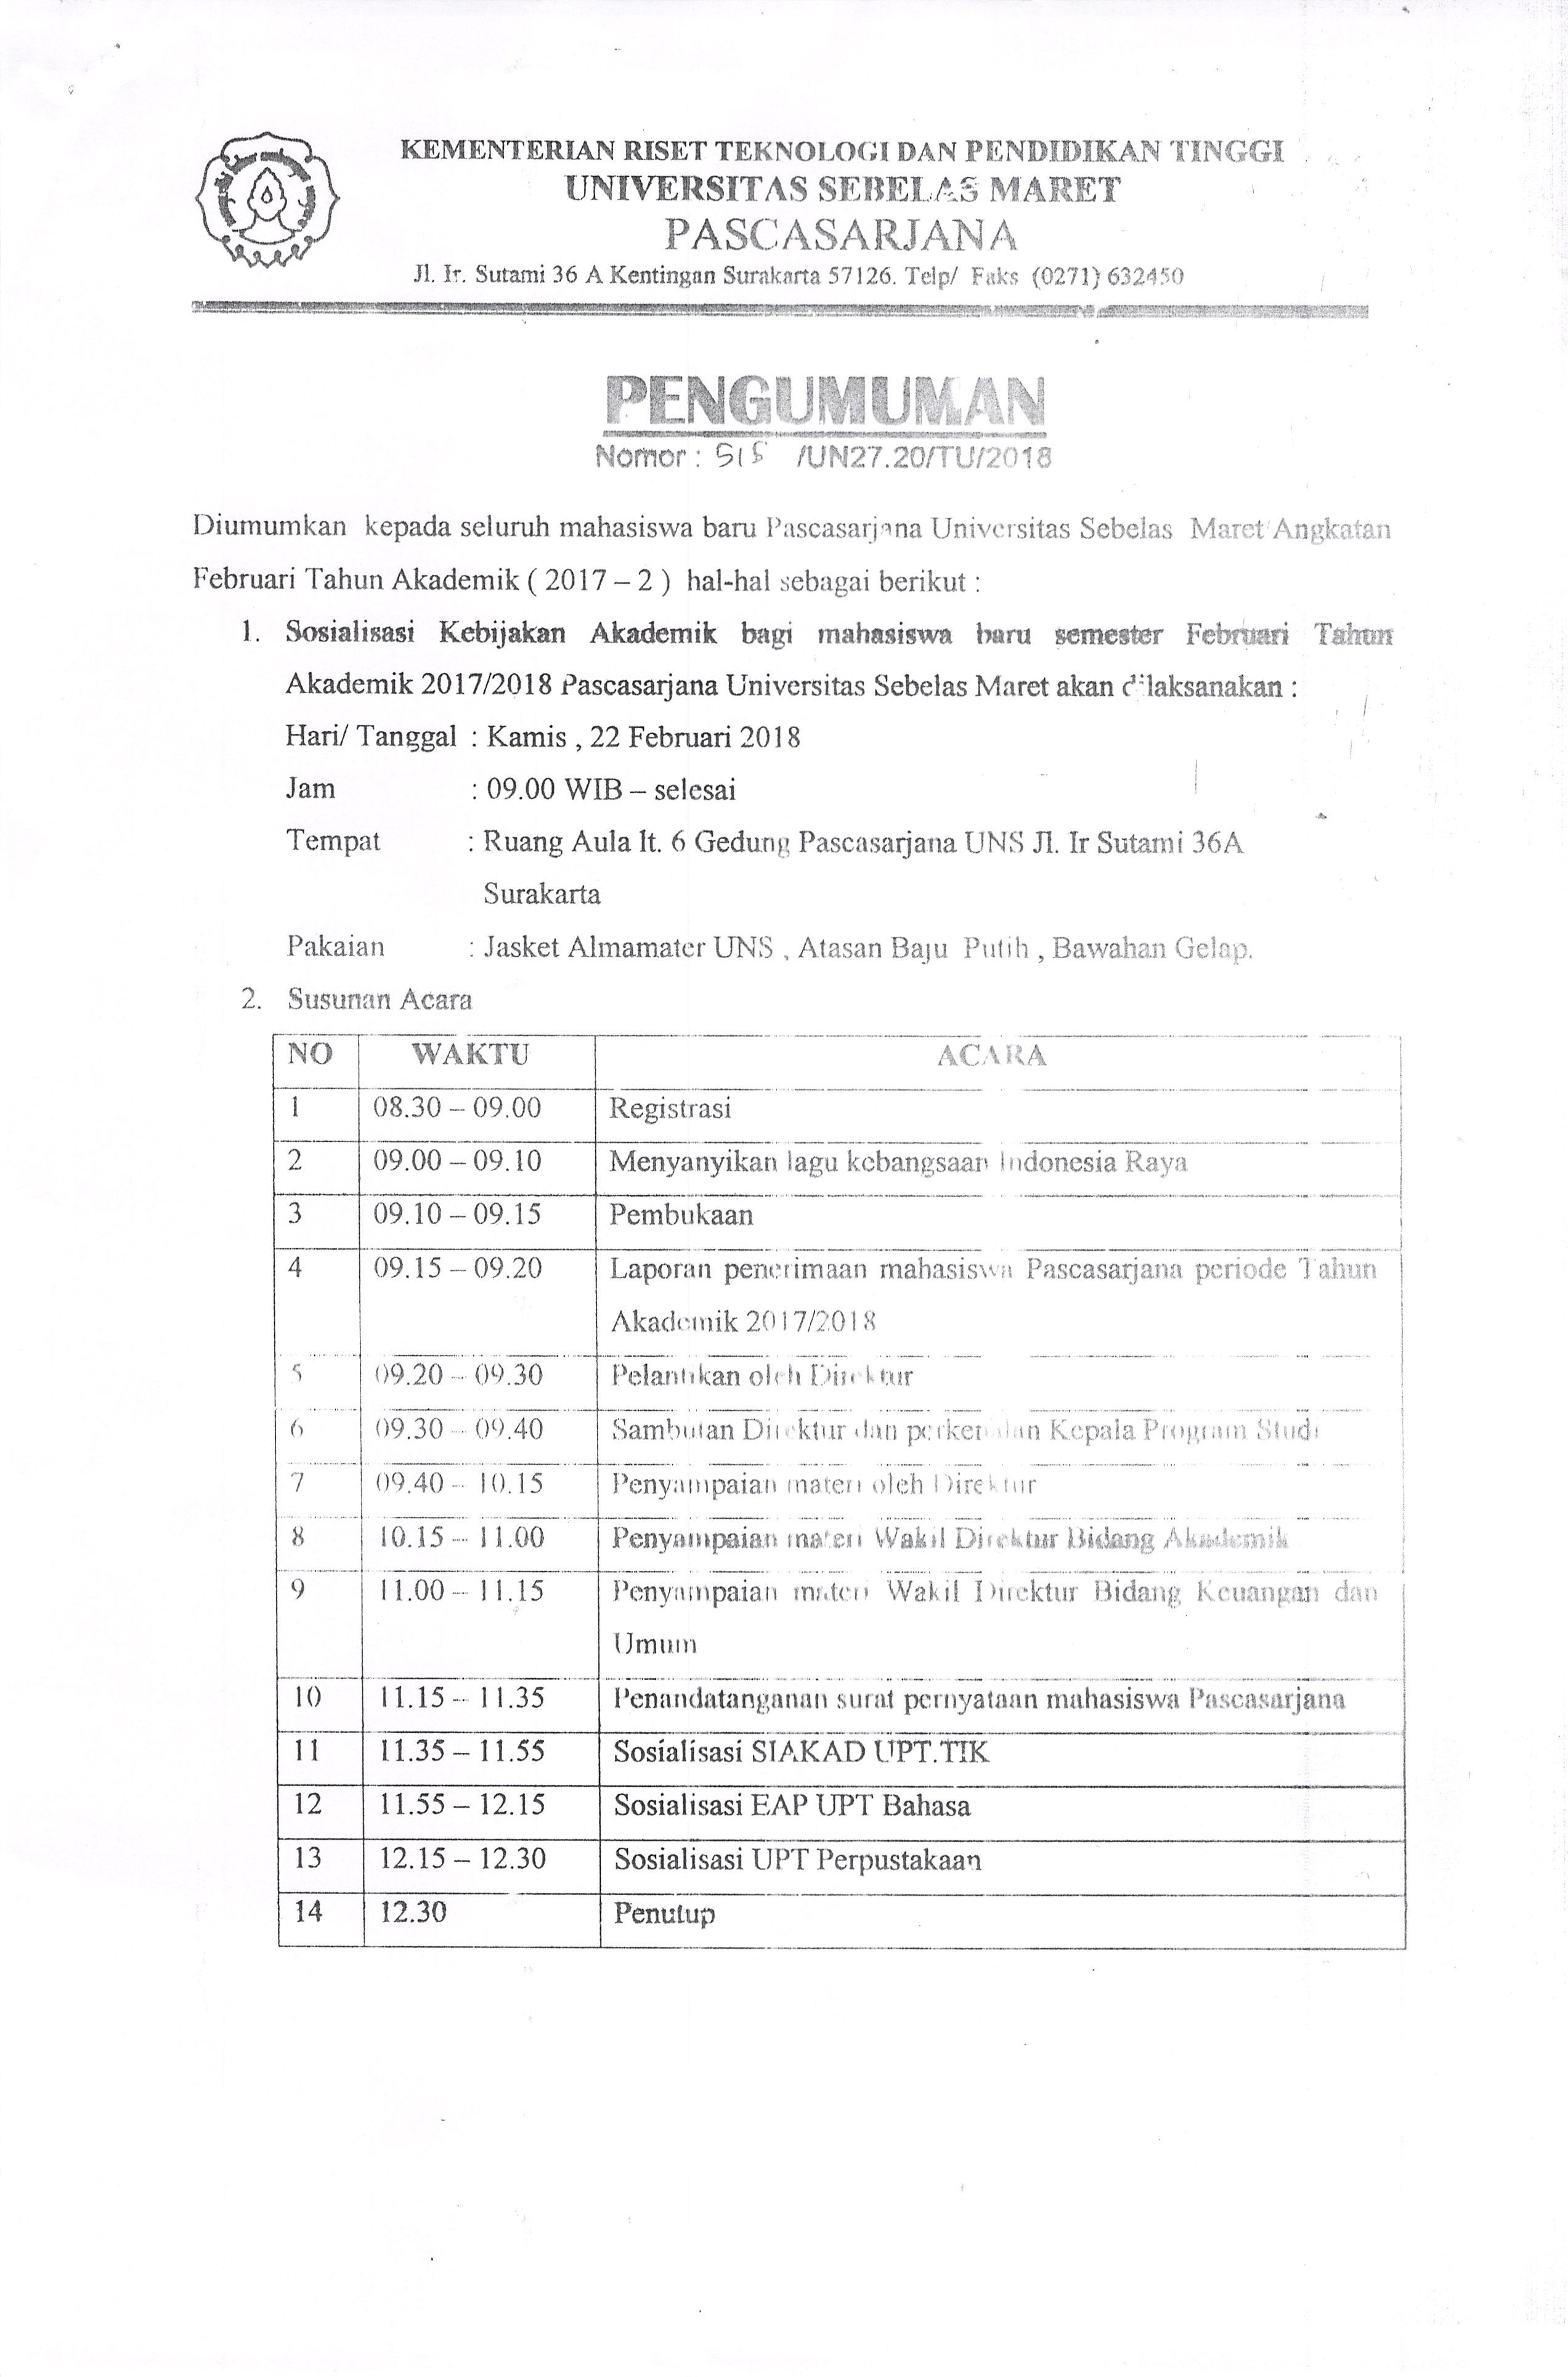 Agenda Sosialisasi dan Pengambilan Jasket Almamater Mahasiswa Baru Angkatan Februari - Juli 2018